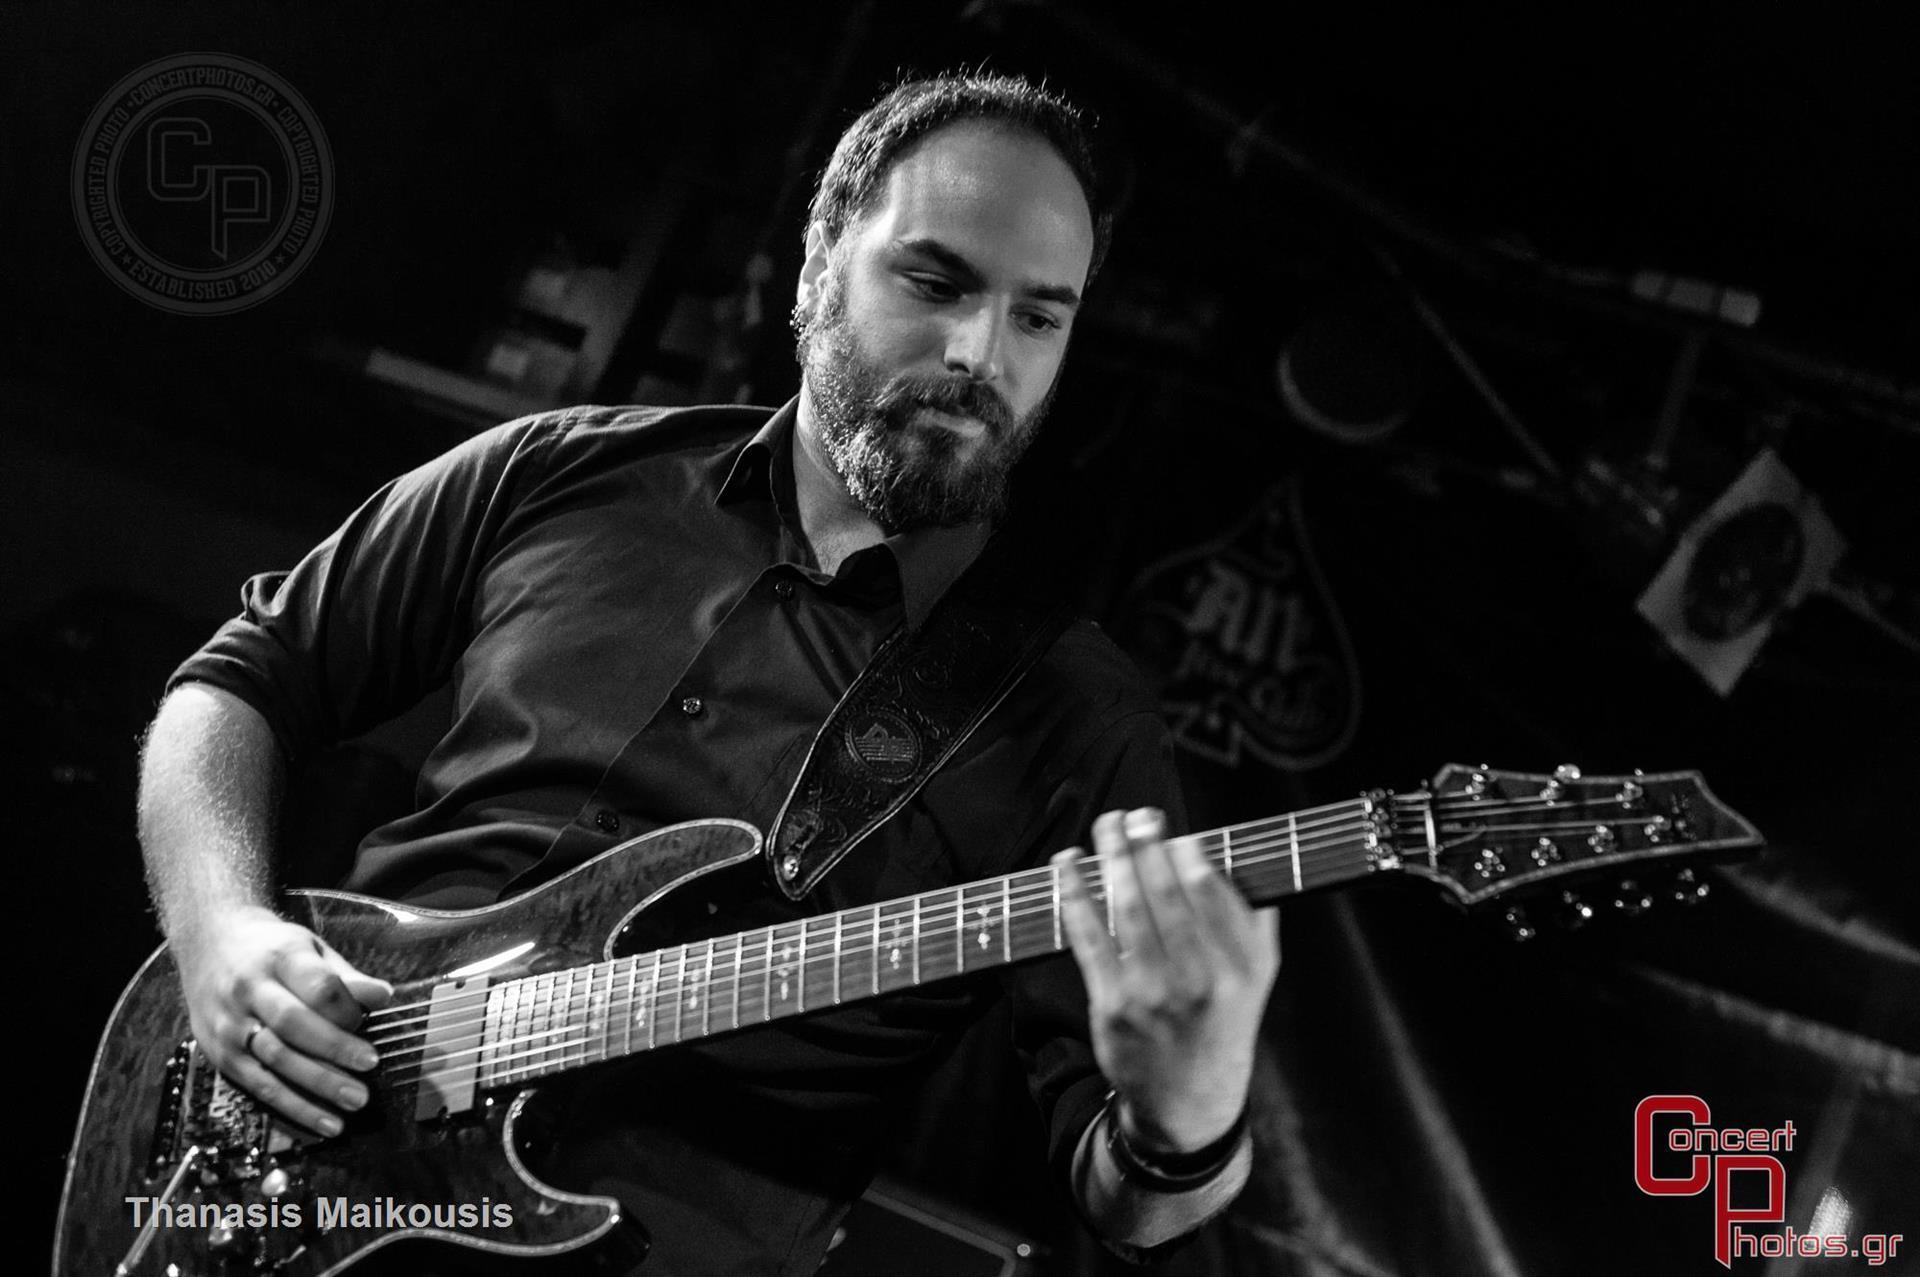 Battle Of The Bands Leg 5-Battle Of The Bands Leg 4 photographer: Thanasis Maikousis - ConcertPhotos - 20150315_2143_17